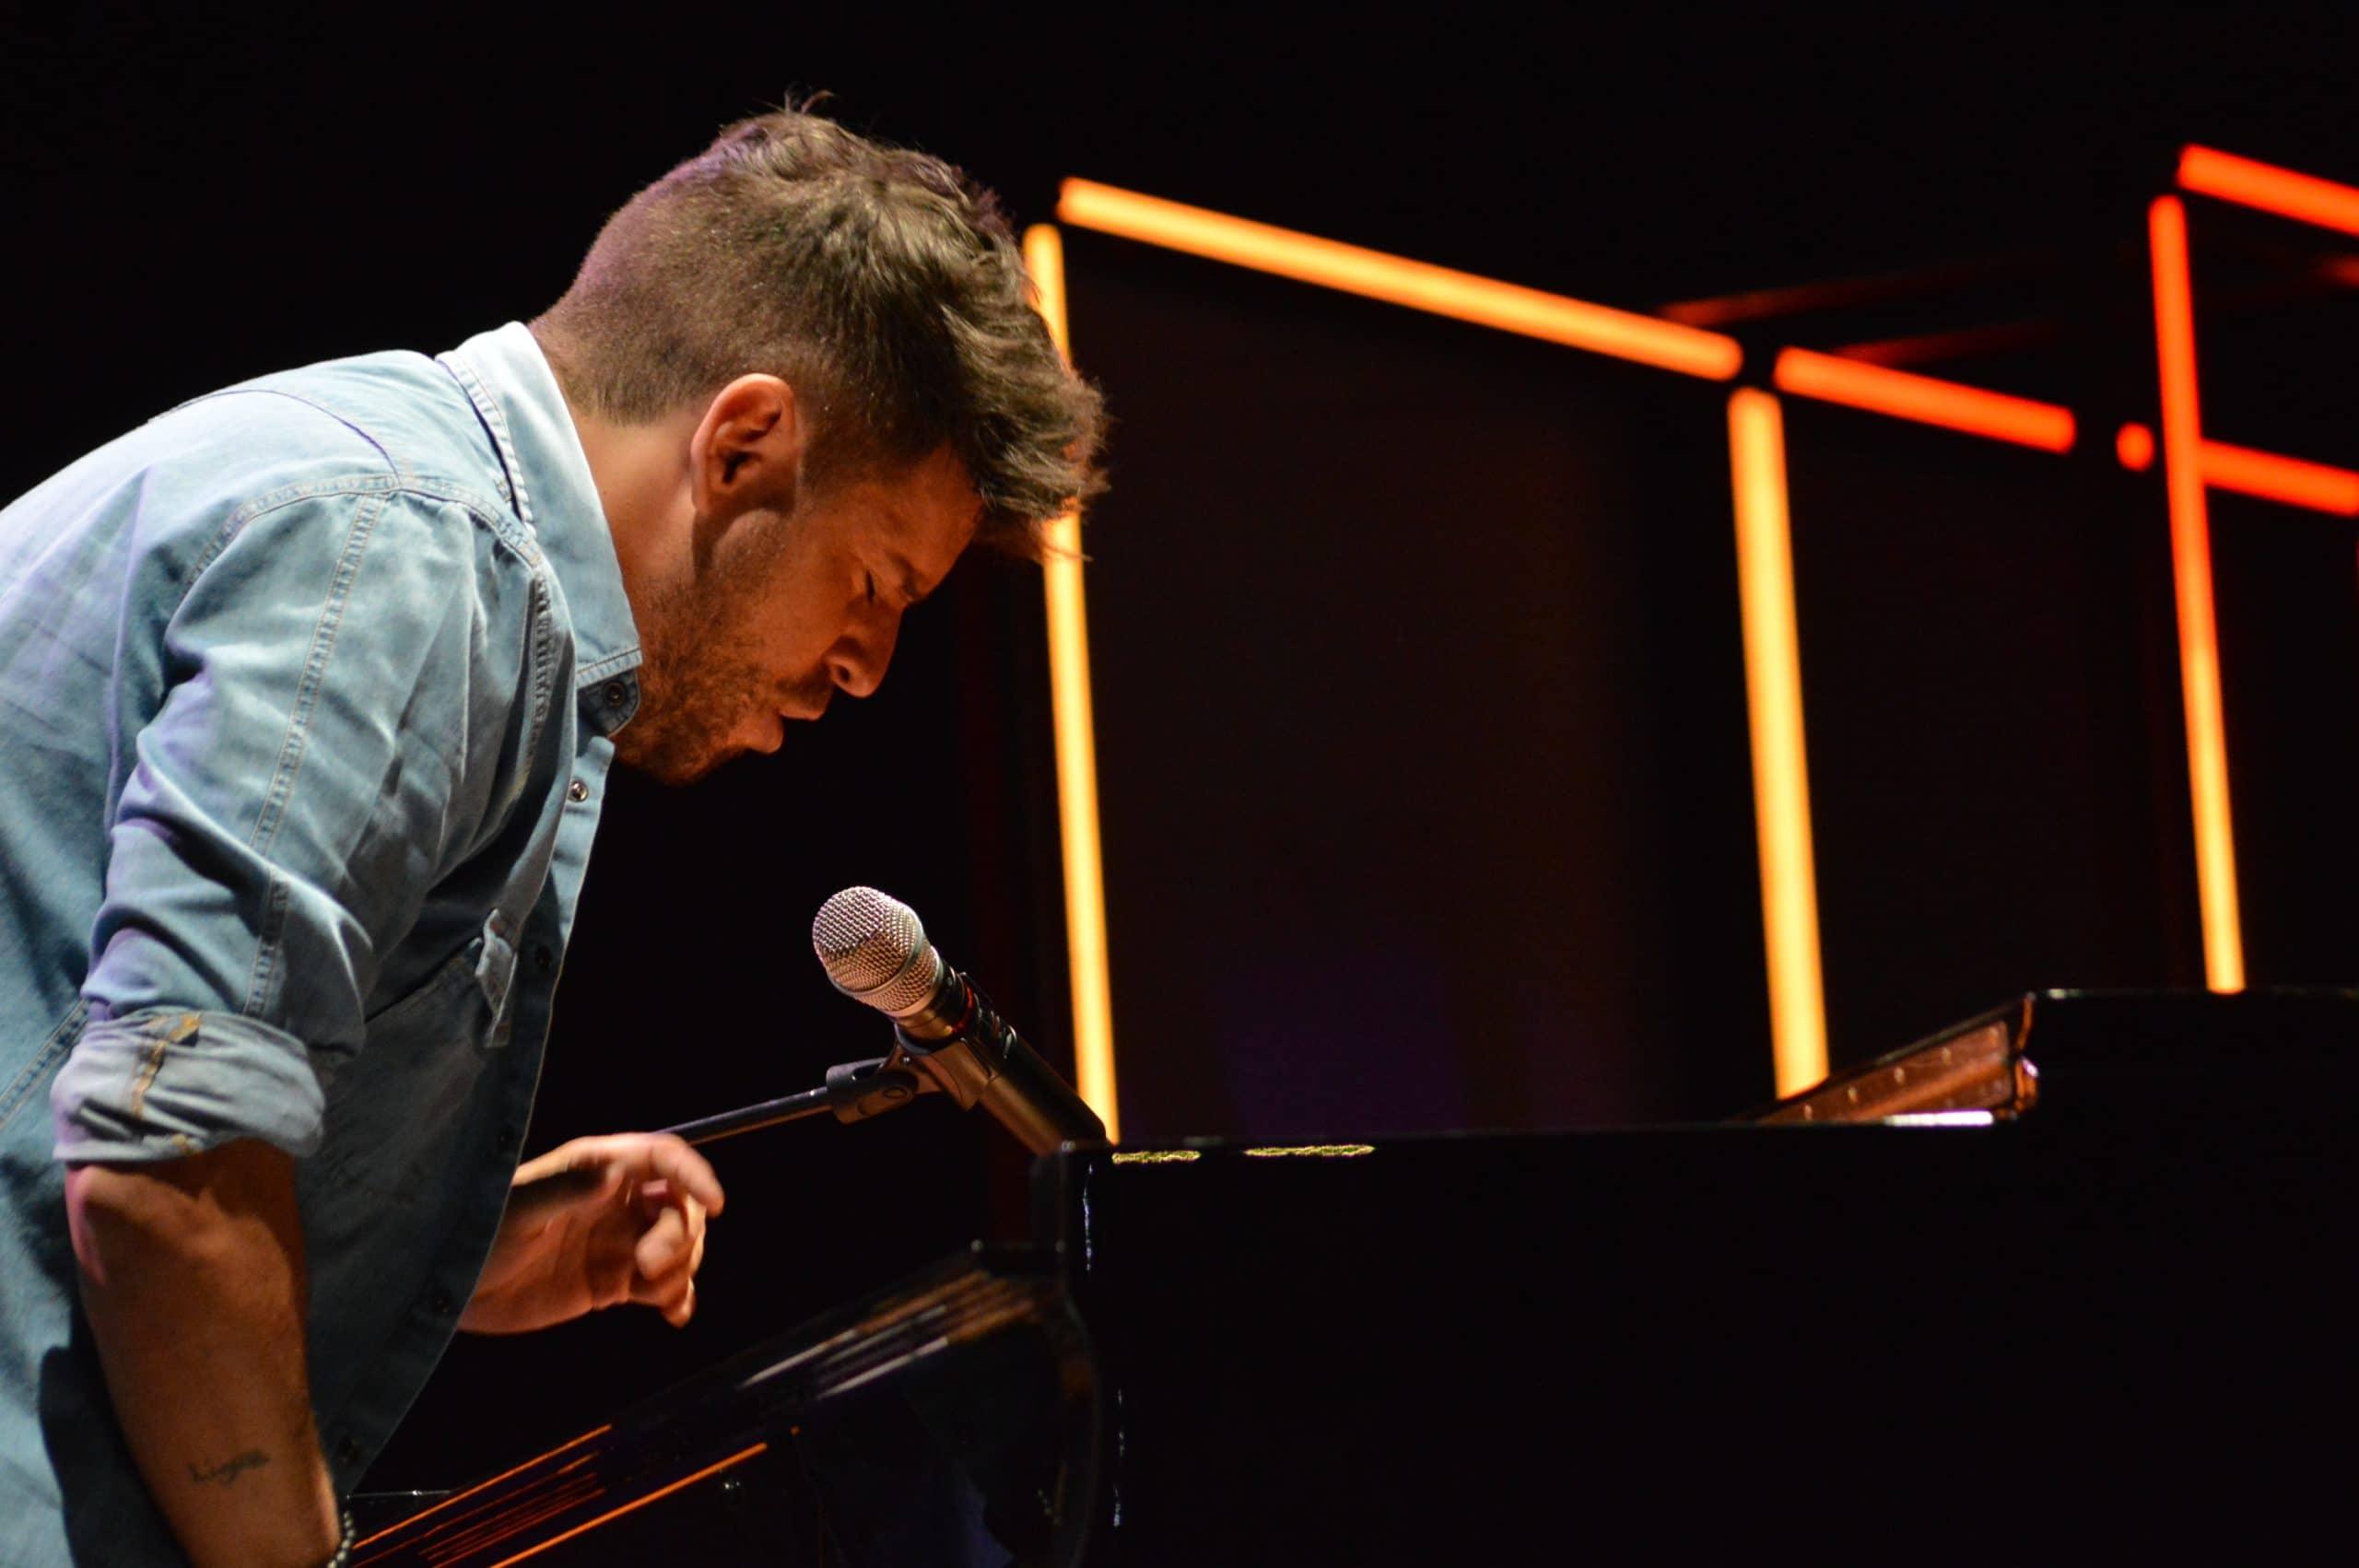 La gira 'López, piano y voz' de Pablo López pone el broche final a las fiestas de la Encina que nunca hubiéramos querido vivir 22